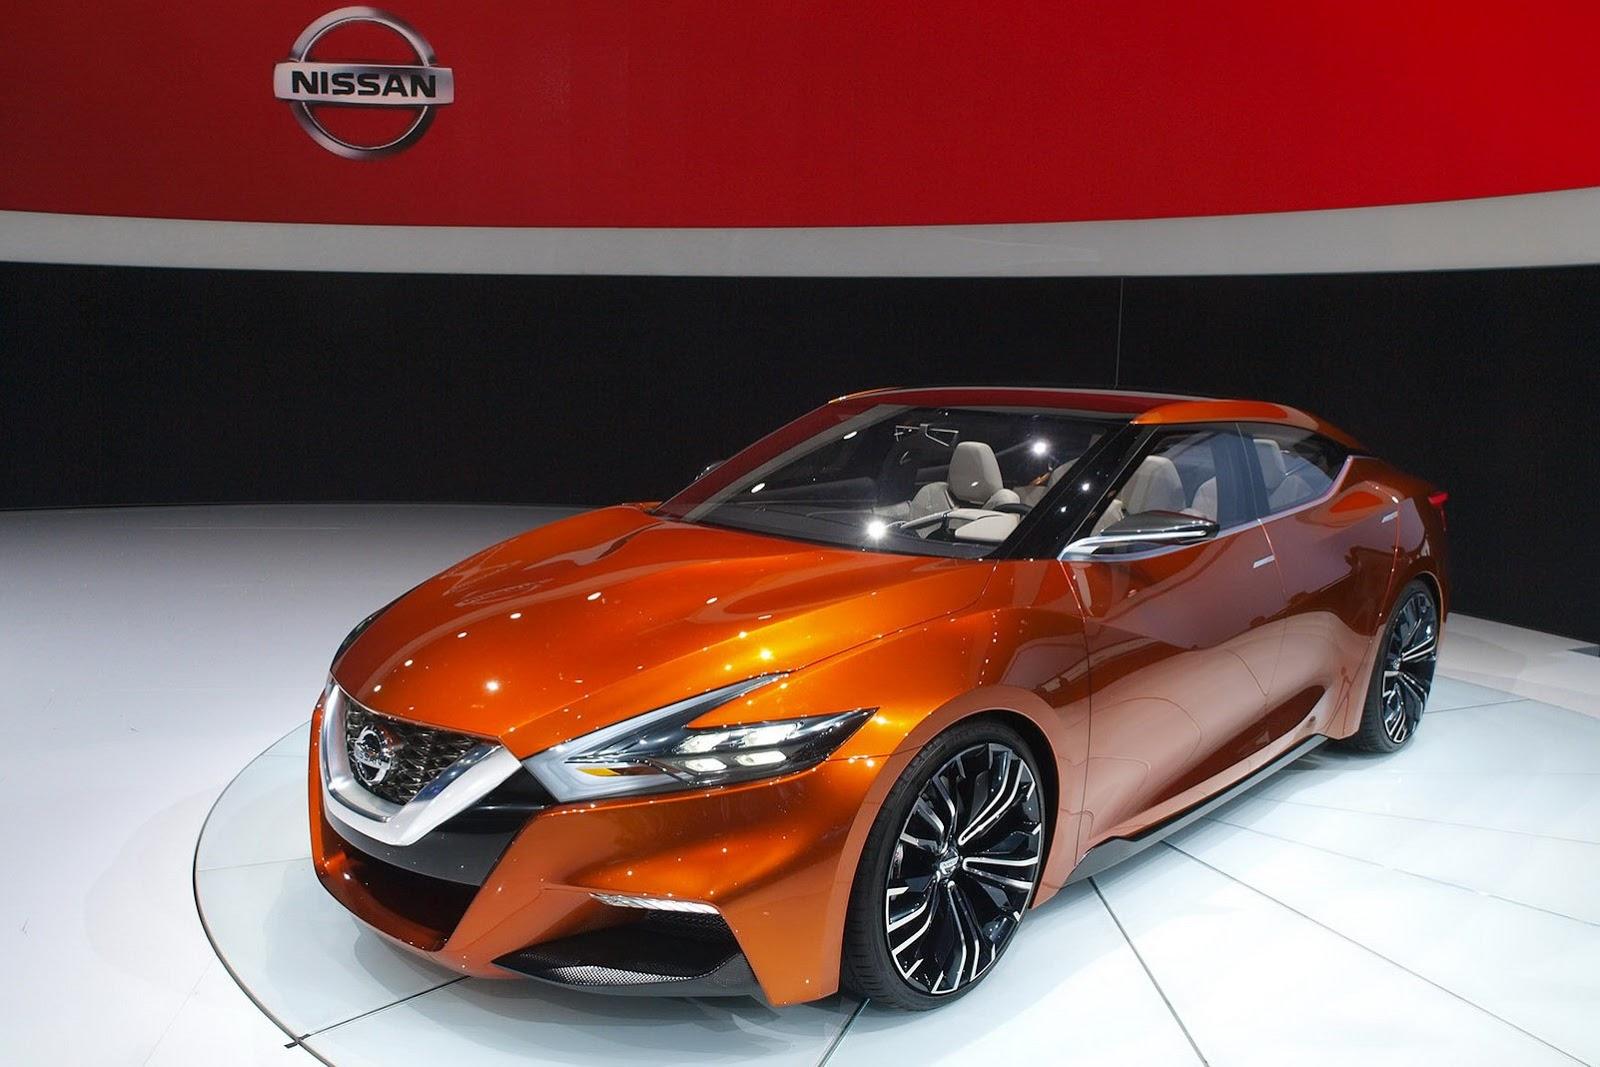 Next Nissan Maxima | SupraMKV - 2018 2019 New Toyota Supra ...